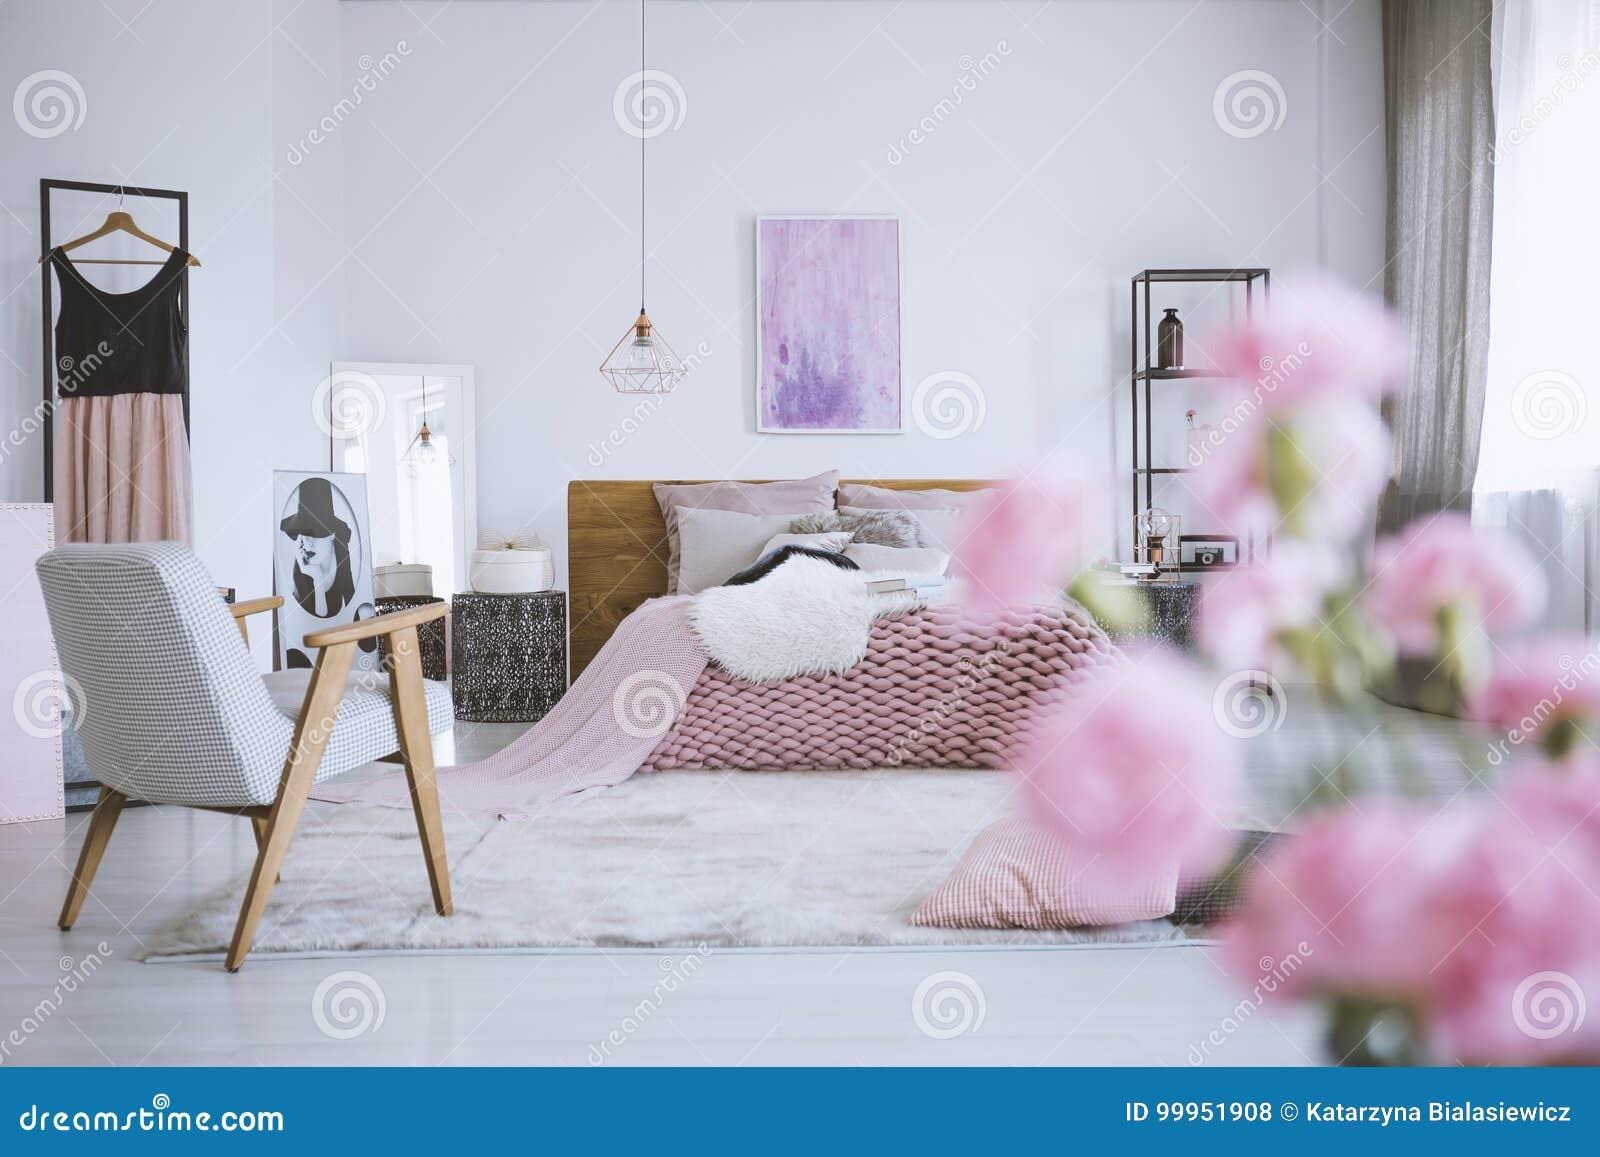 Bloemen In Elegante Roze Slaapkamer Stock Foto - Afbeelding ...